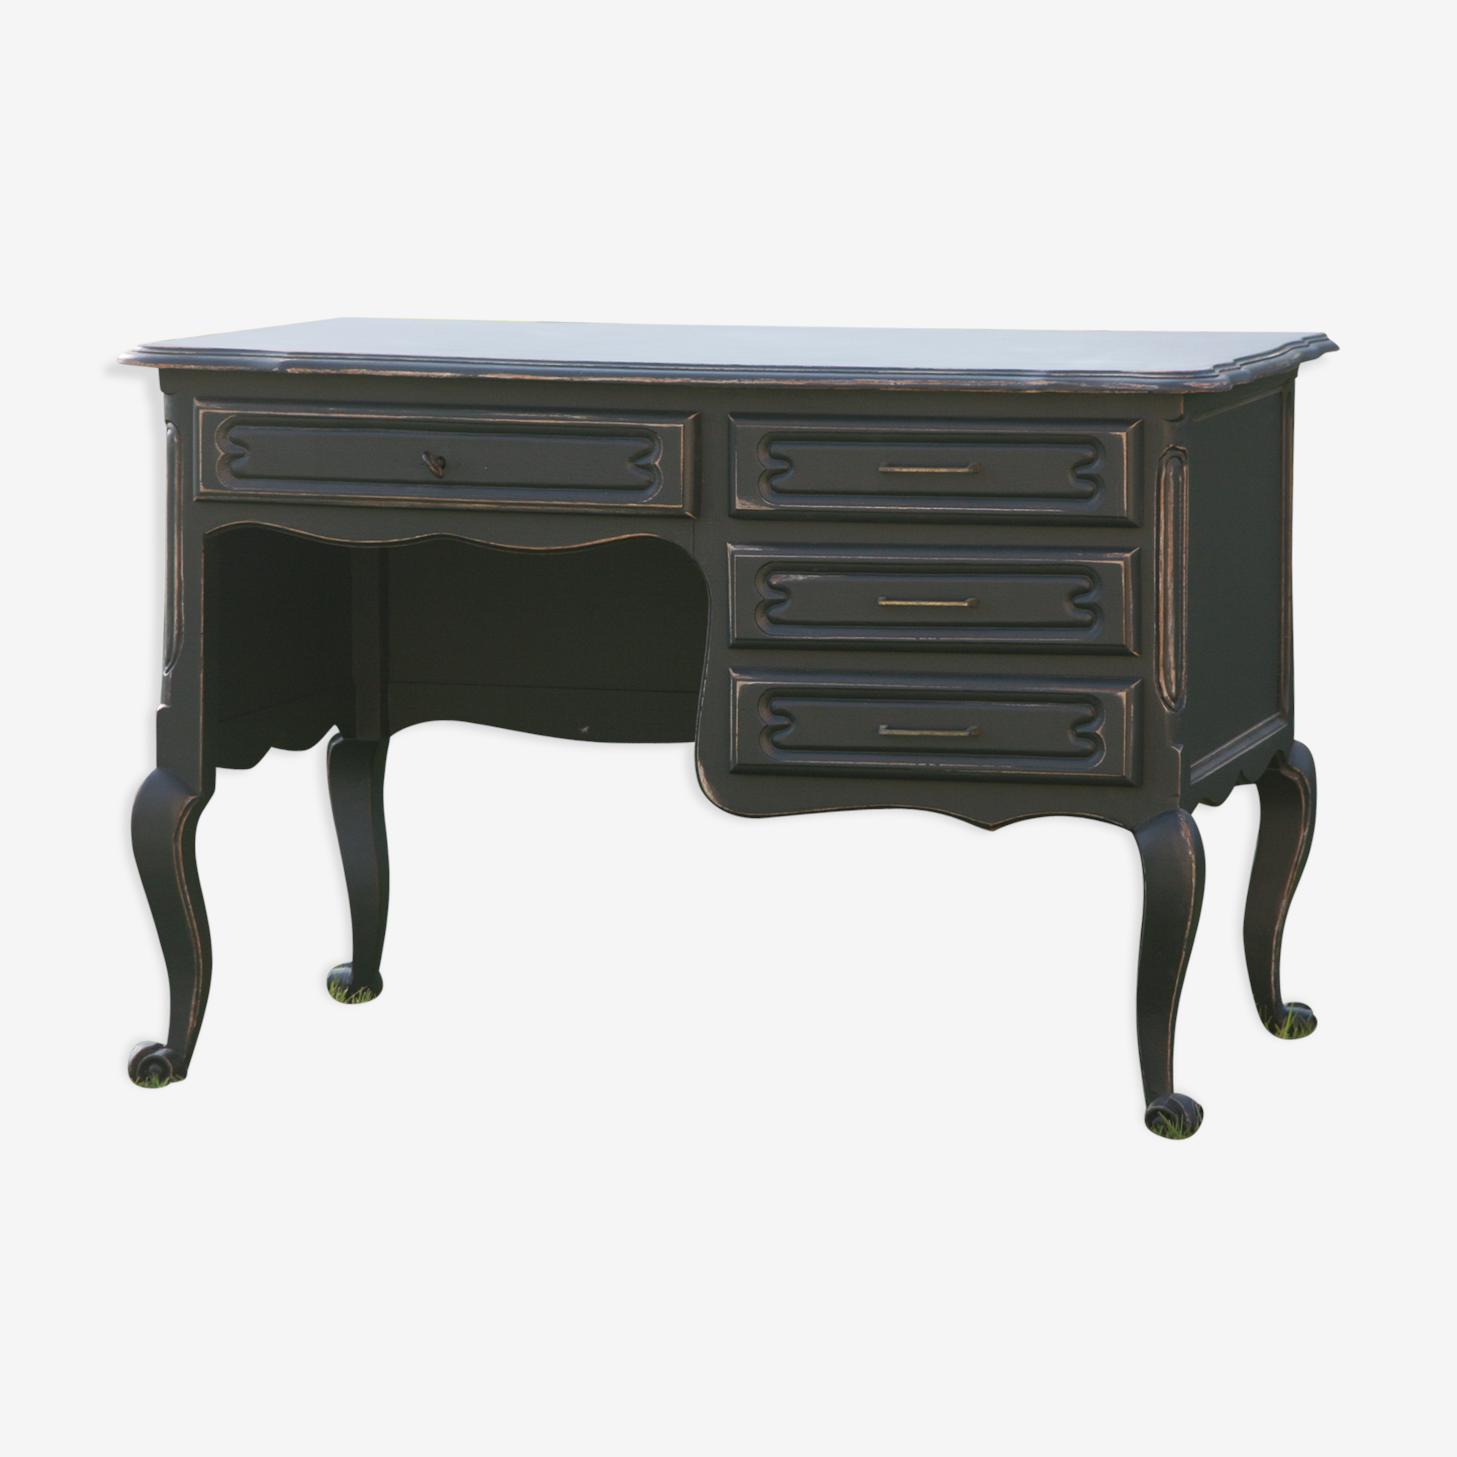 Bureau revisité style baroque noir patiné